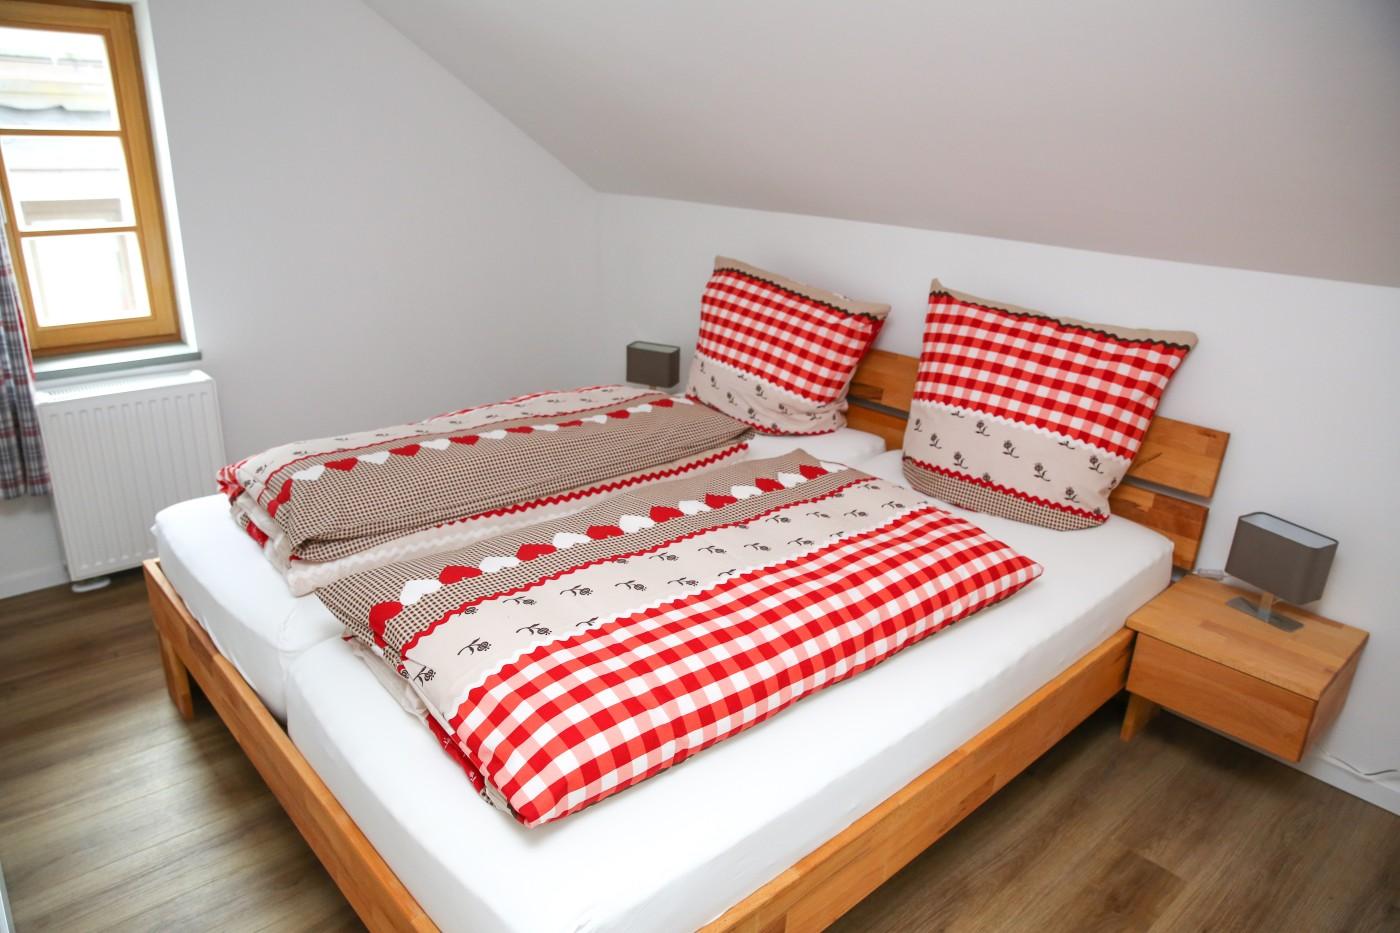 Ferienwohnung Georg Mayer Haus / Wohnung 8 (2397457), Oberstdorf, Allgäu (Bayern), Bayern, Deutschland, Bild 6